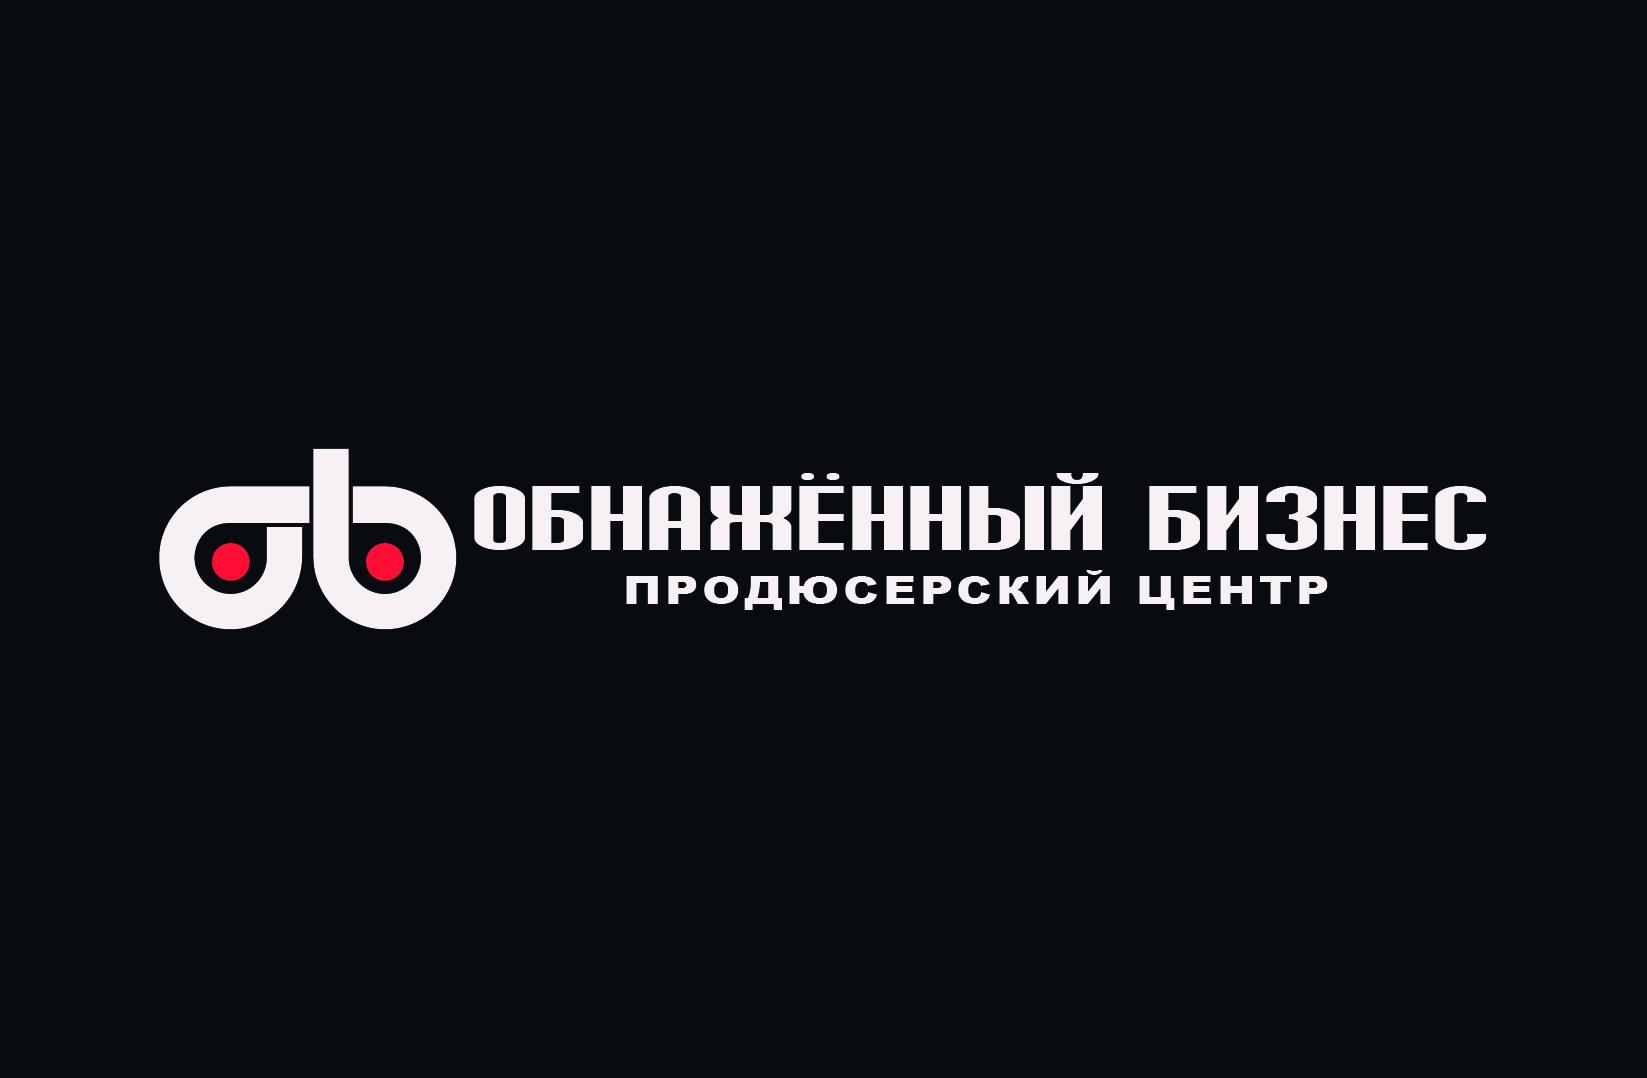 """Логотип для продюсерского центра """"Обнажённый бизнес"""" фото f_2465b9bdeb21df52.jpg"""